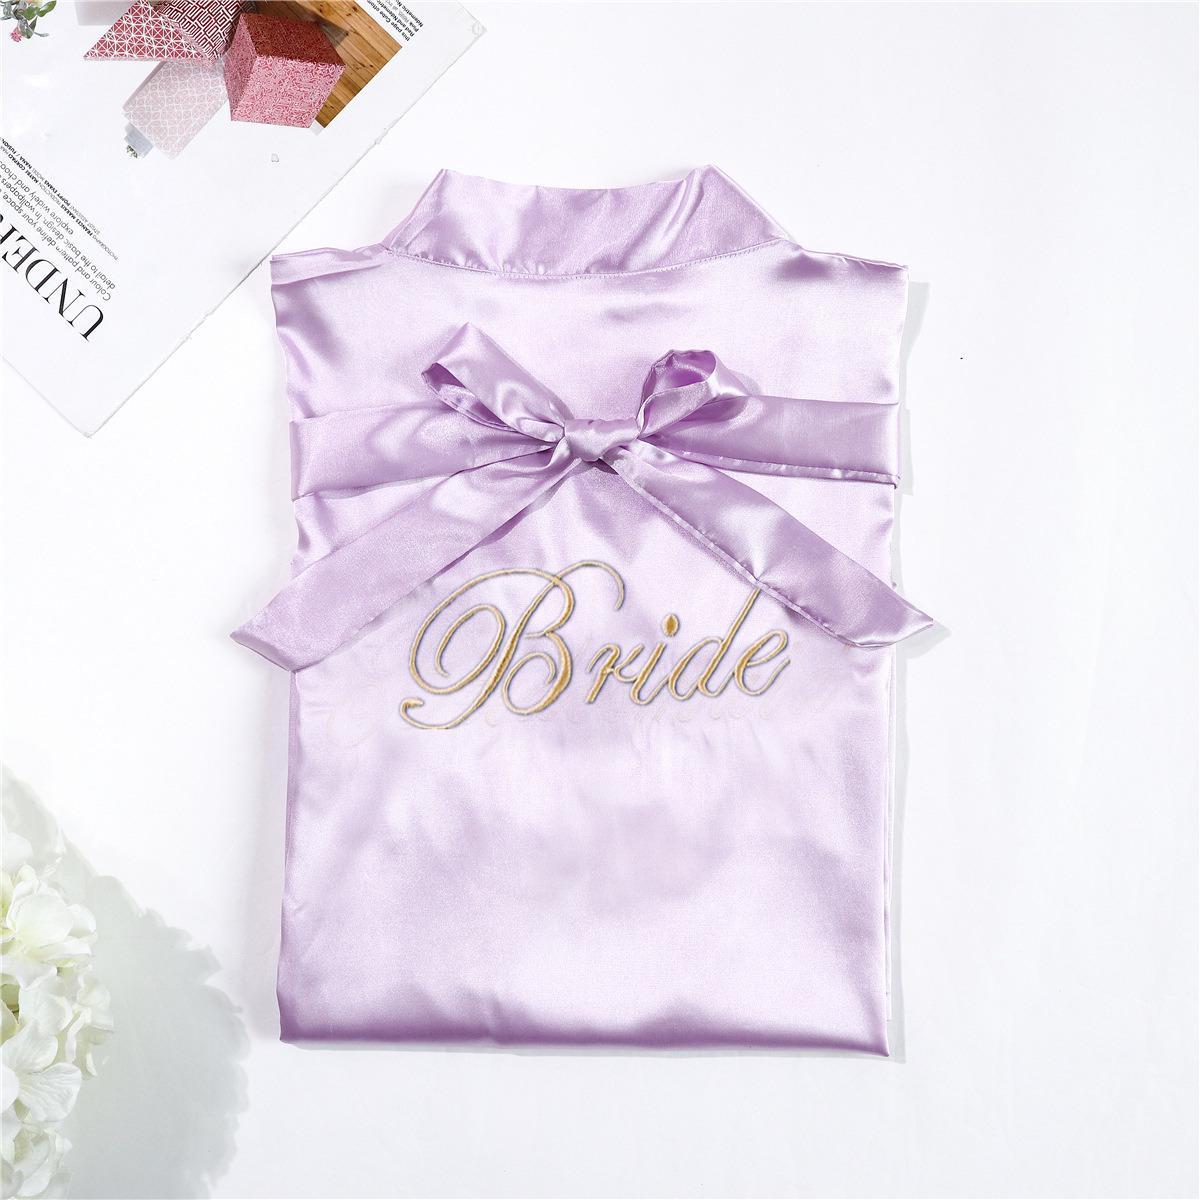 Bride - light purple